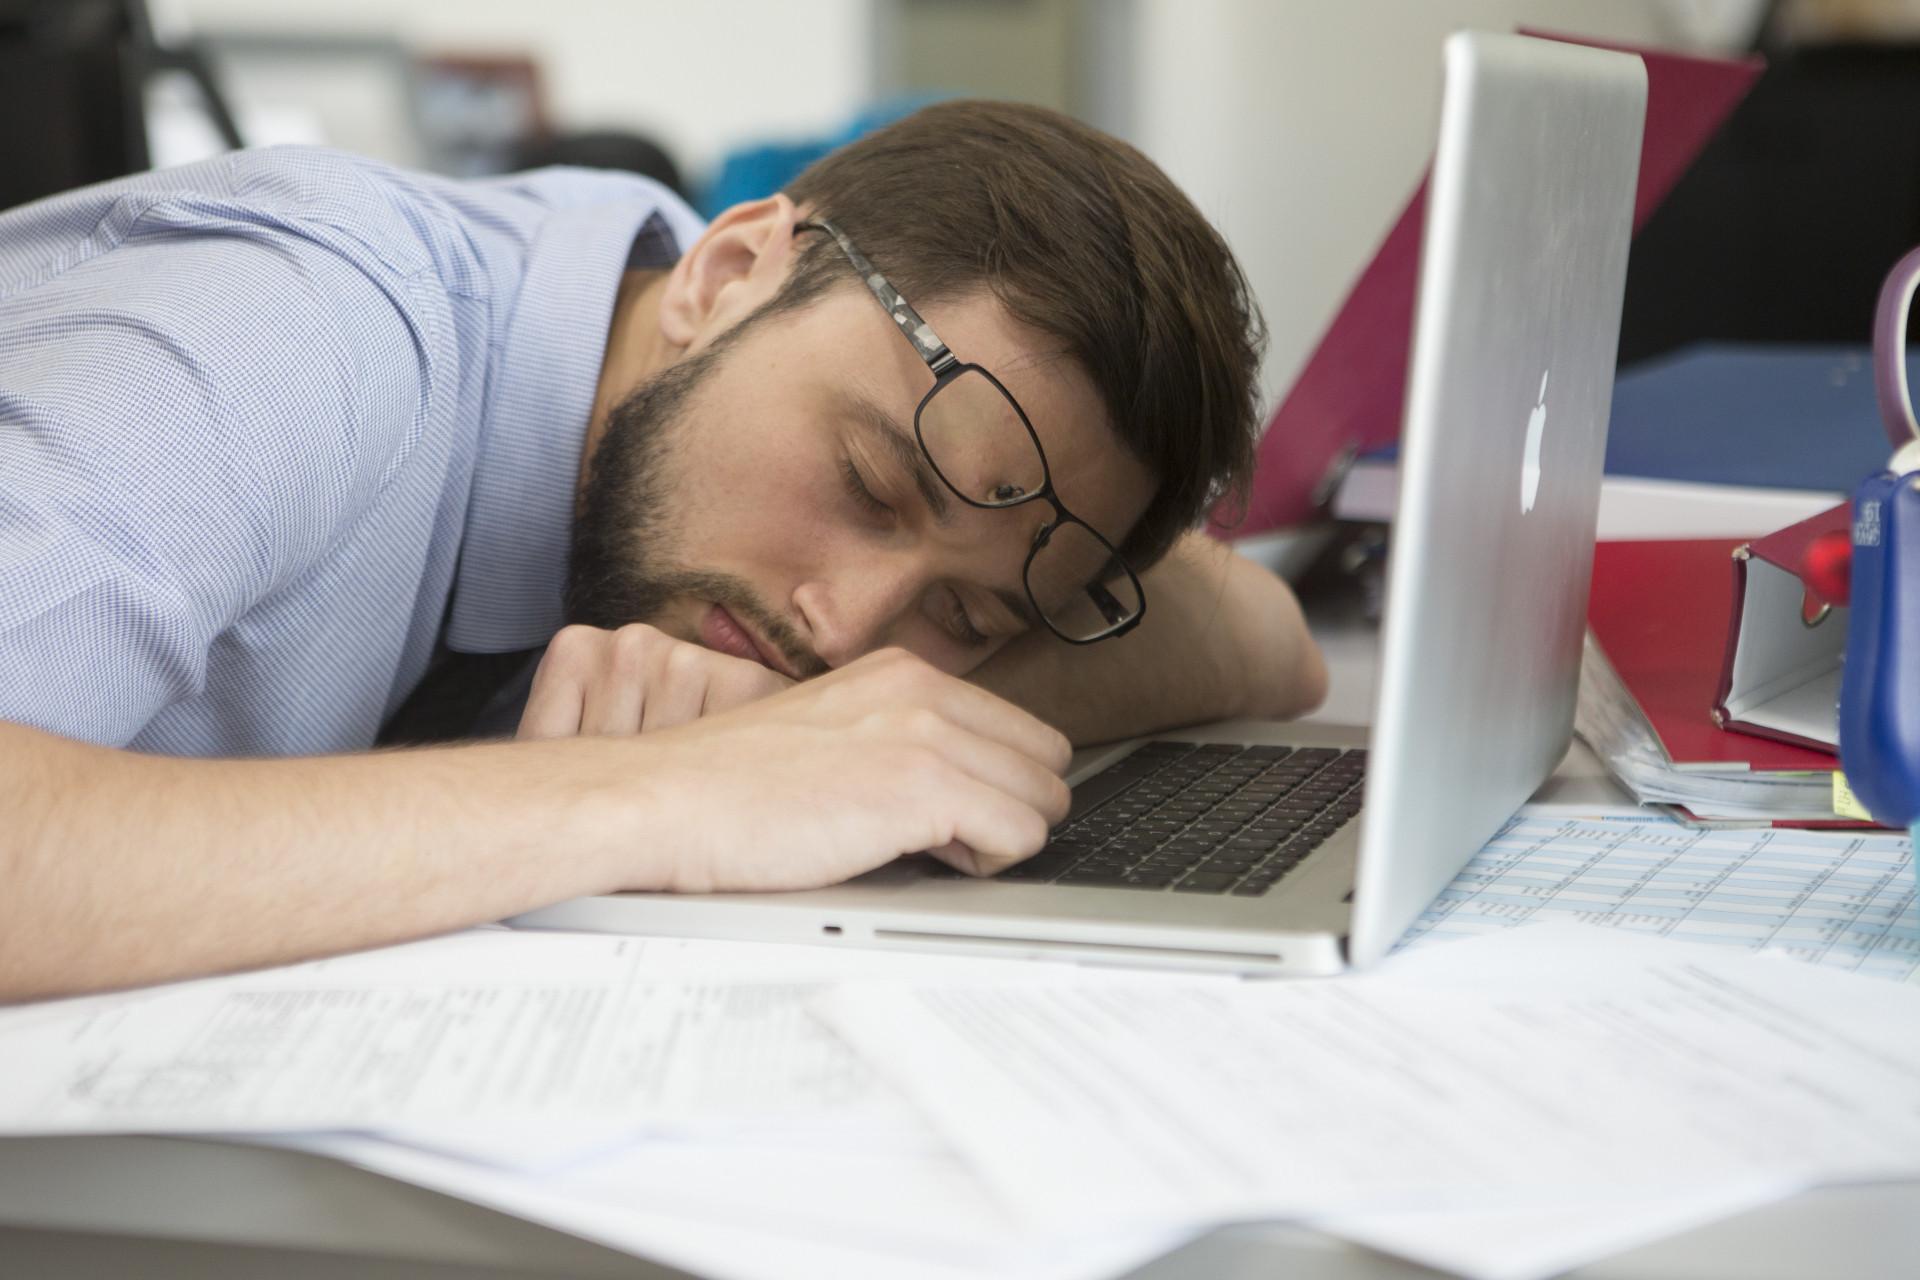 форму заснул за компьютером картинка доске почета вызывает